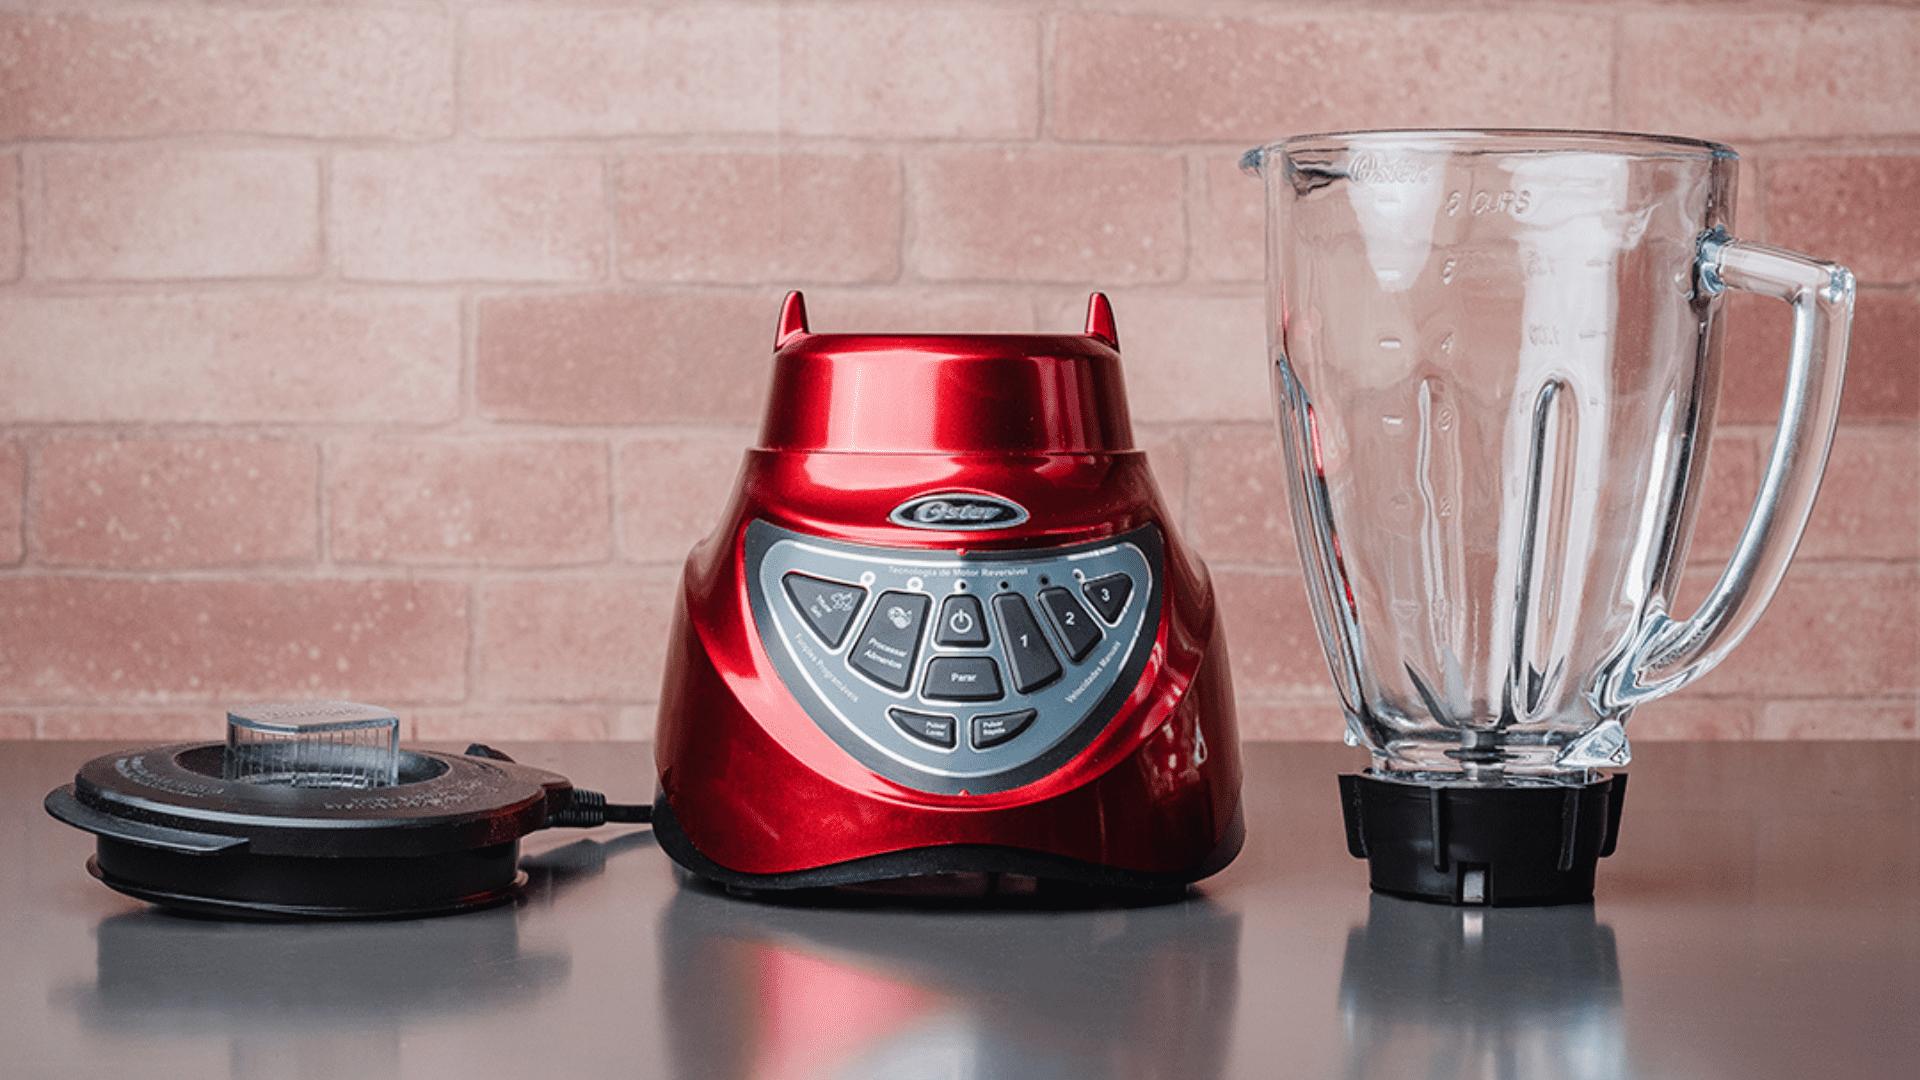 A jarra do Oster New Reverse é de vidro, enquanto a base é de plástico (Foto: Zoom)